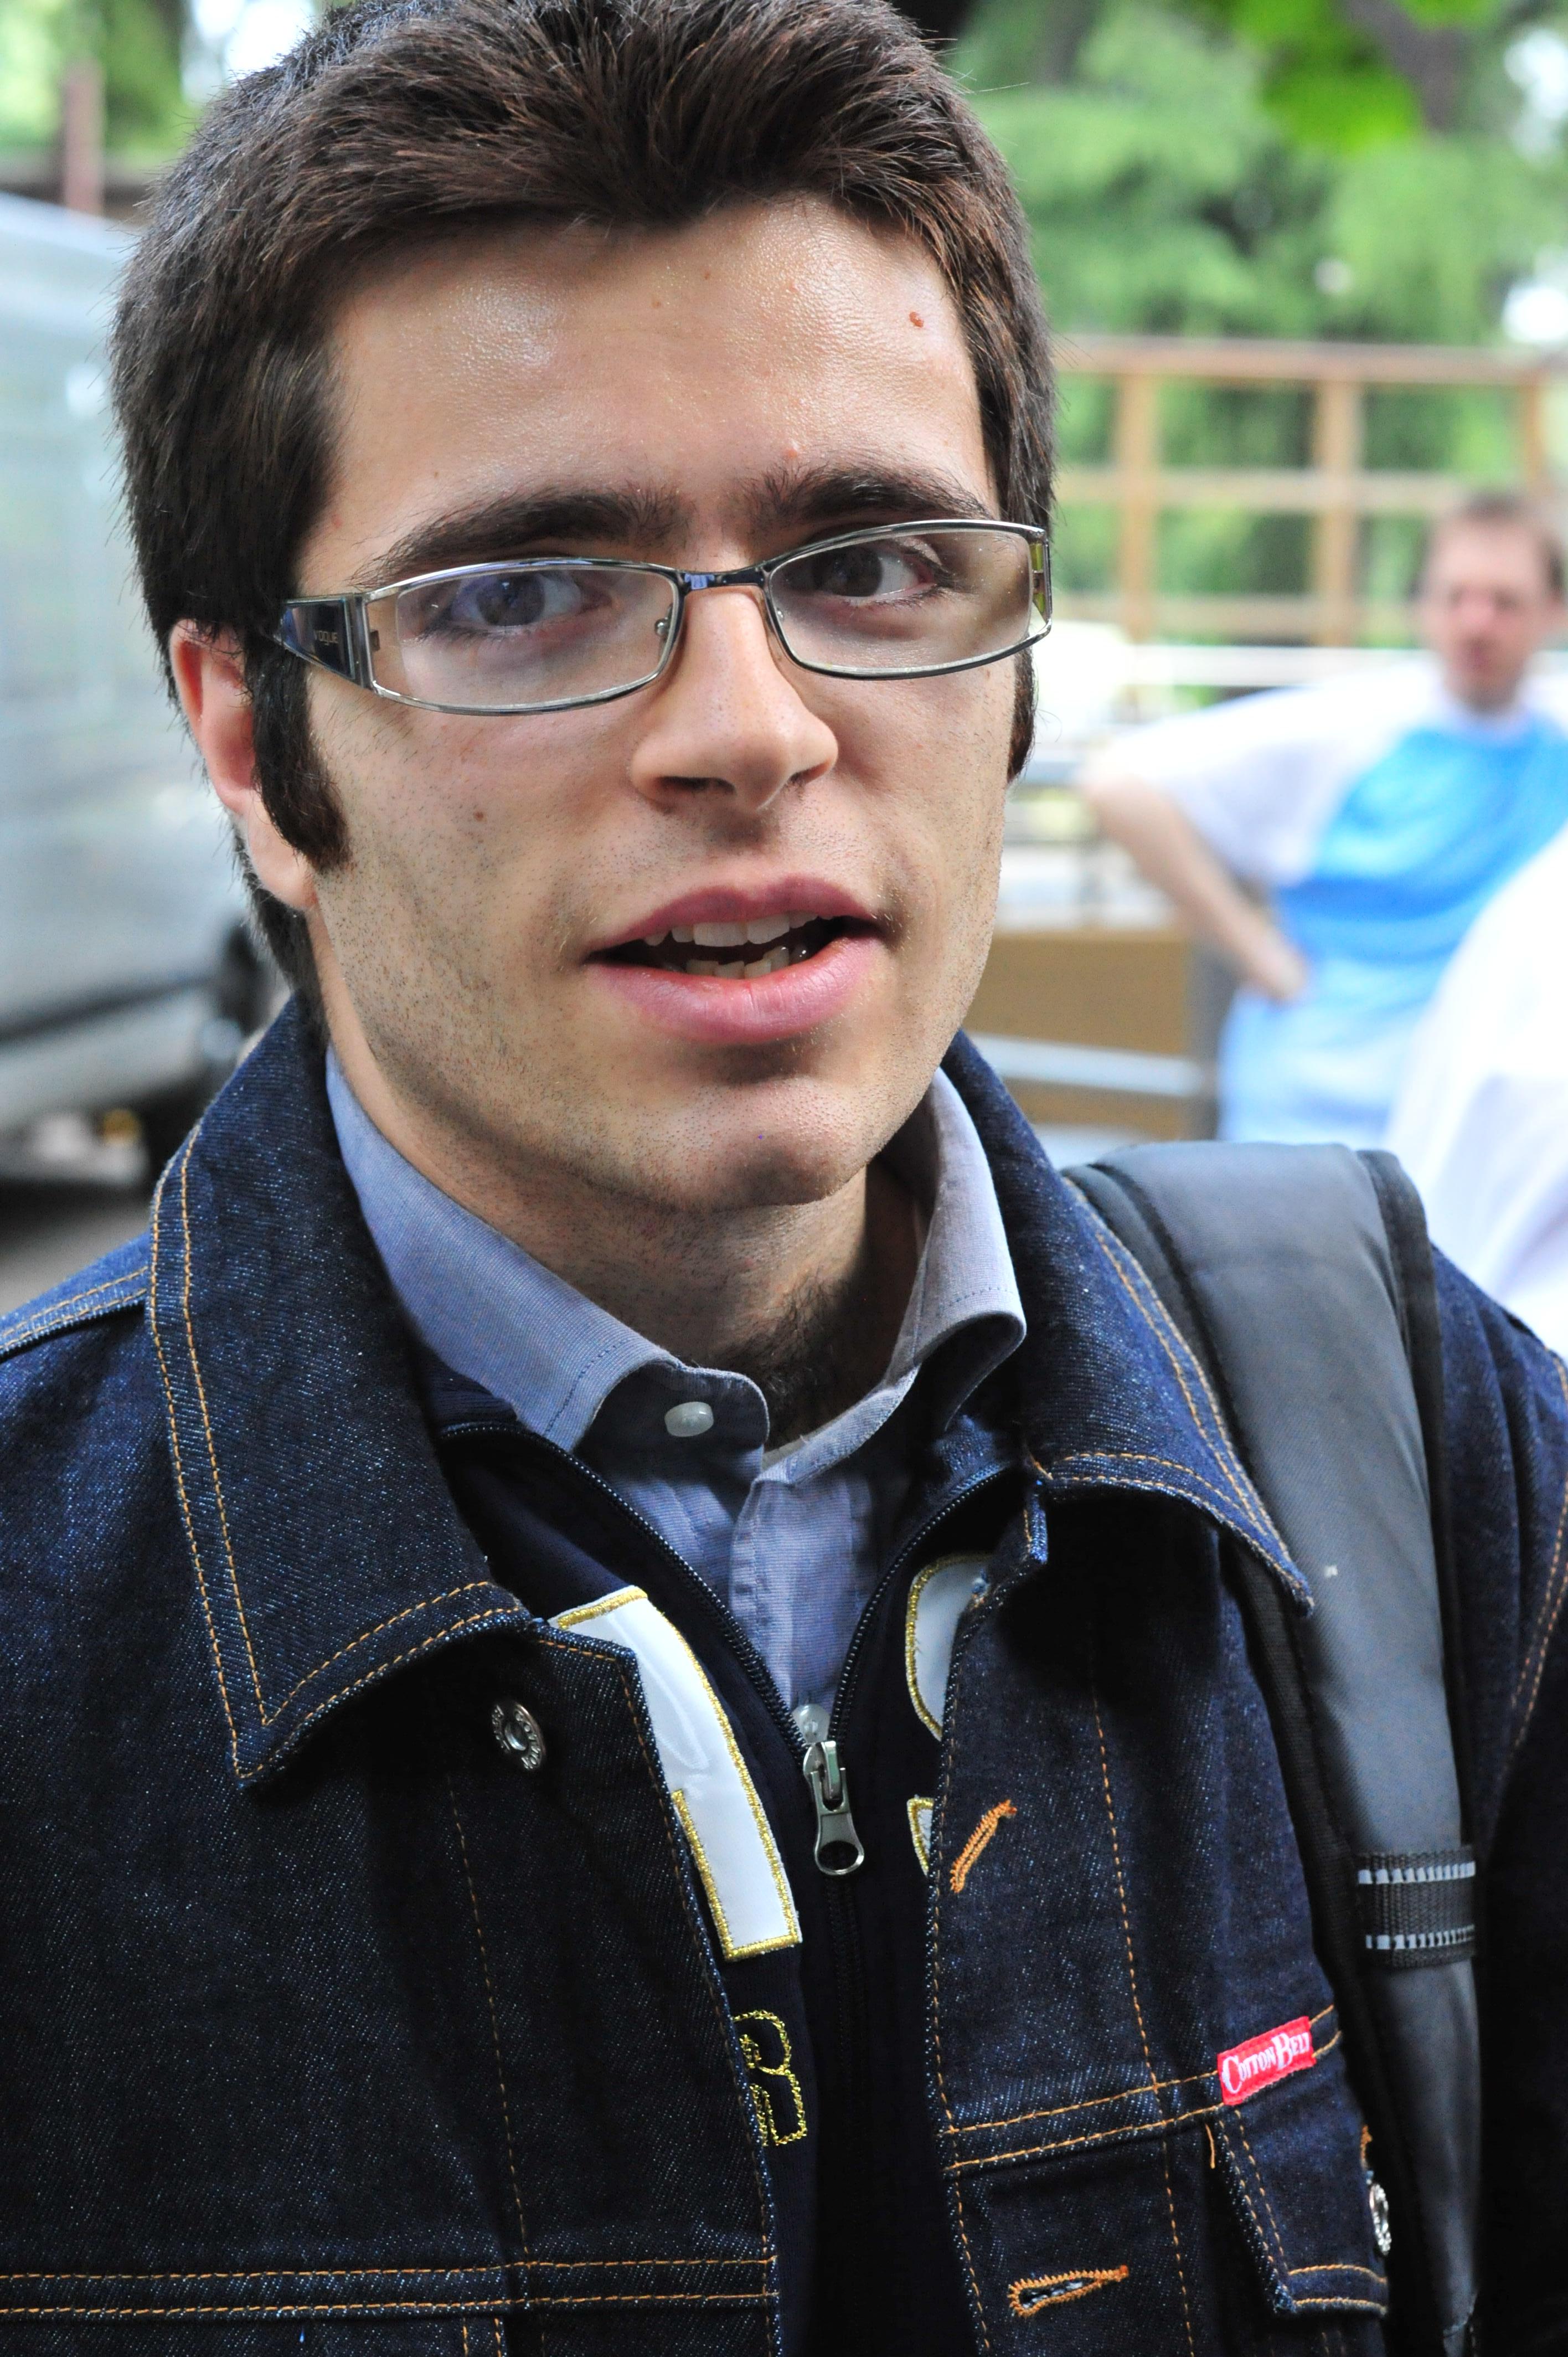 Davide Salerno